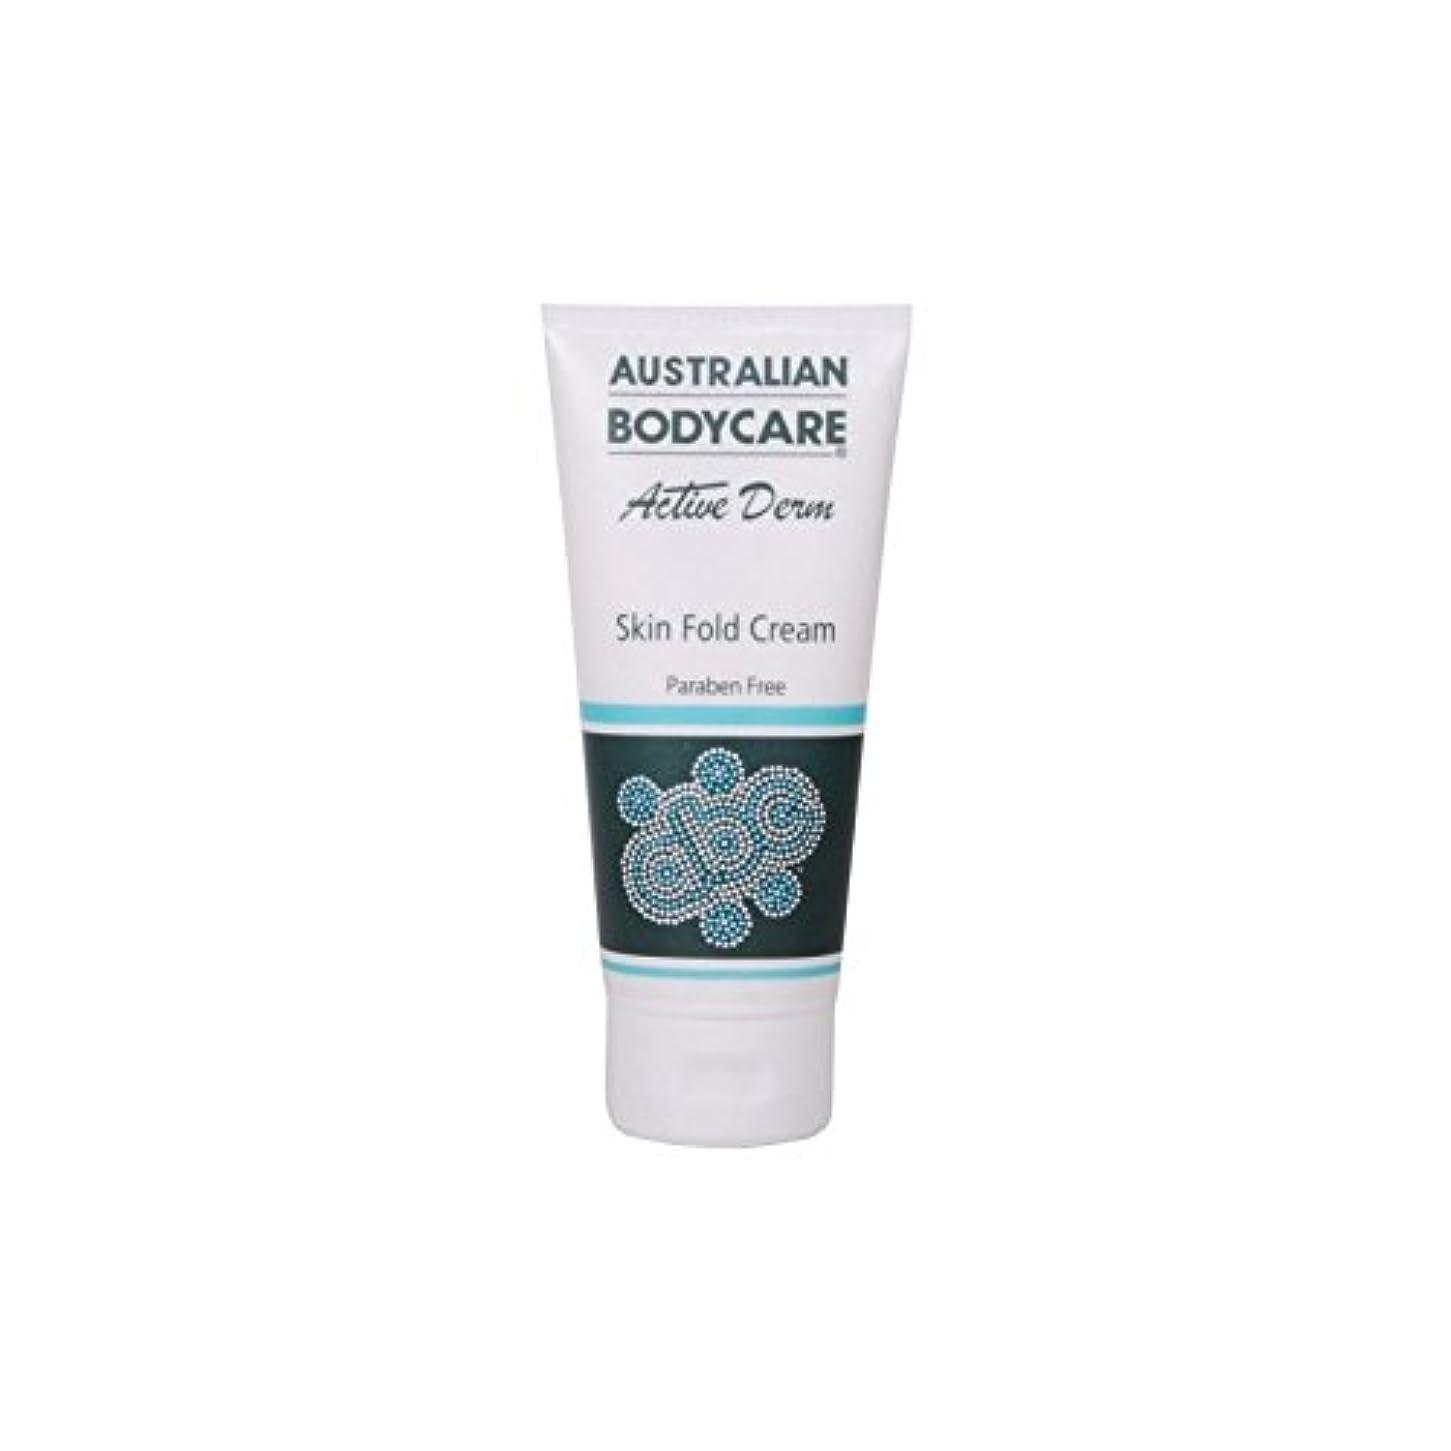 中止しますラッシュ投げ捨てるAustralian Bodycare Active Derm Skin Fold Cream (100ml) - オーストラリアのボディケアアクティブダーム皮膚のひだクリーム(100ミリリットル) [並行輸入品]